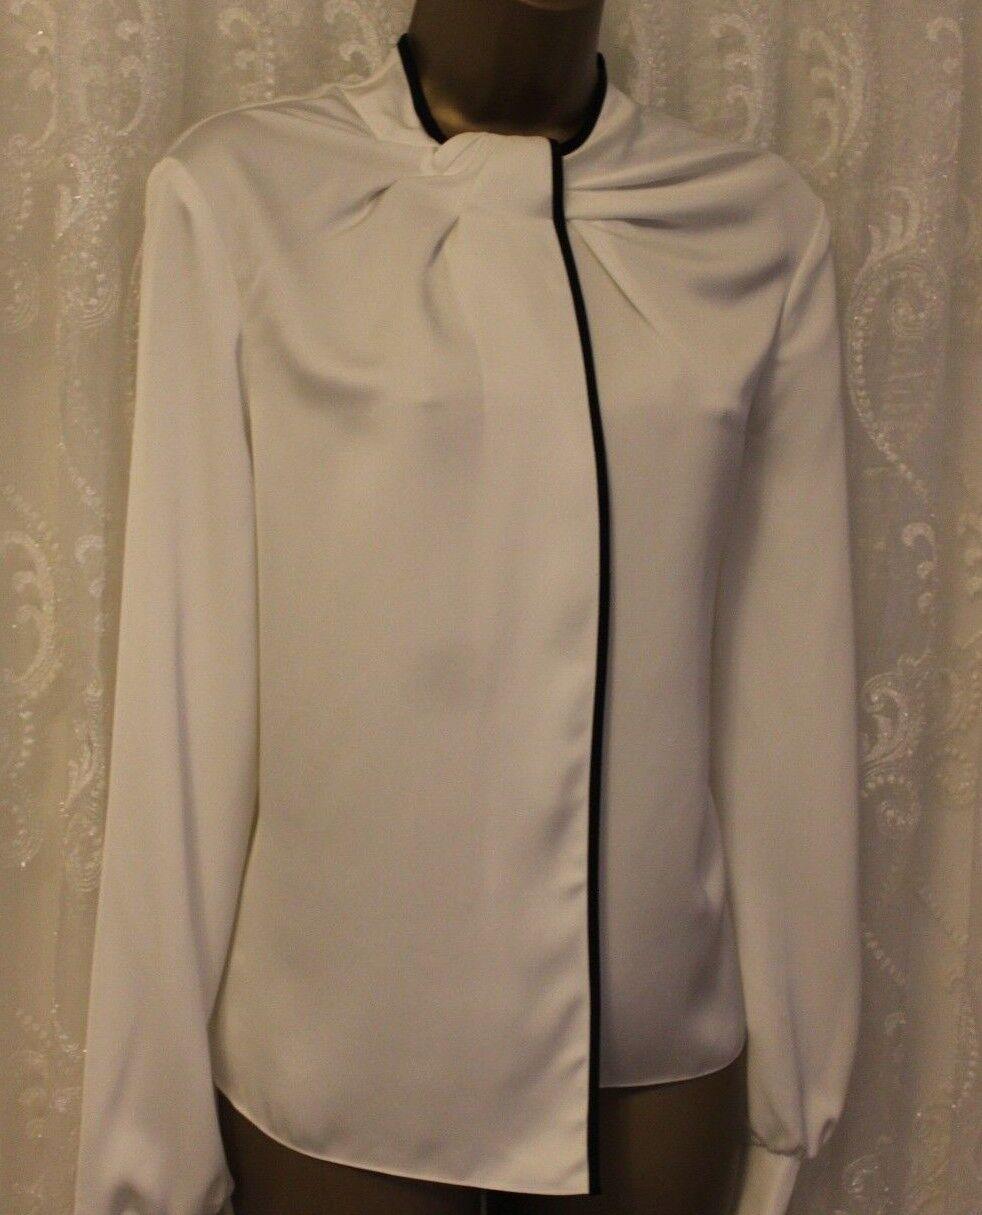 Karen Millen Ivory Contrast High Neck Formal Shirt Office Blouse Top  8 36 TA168